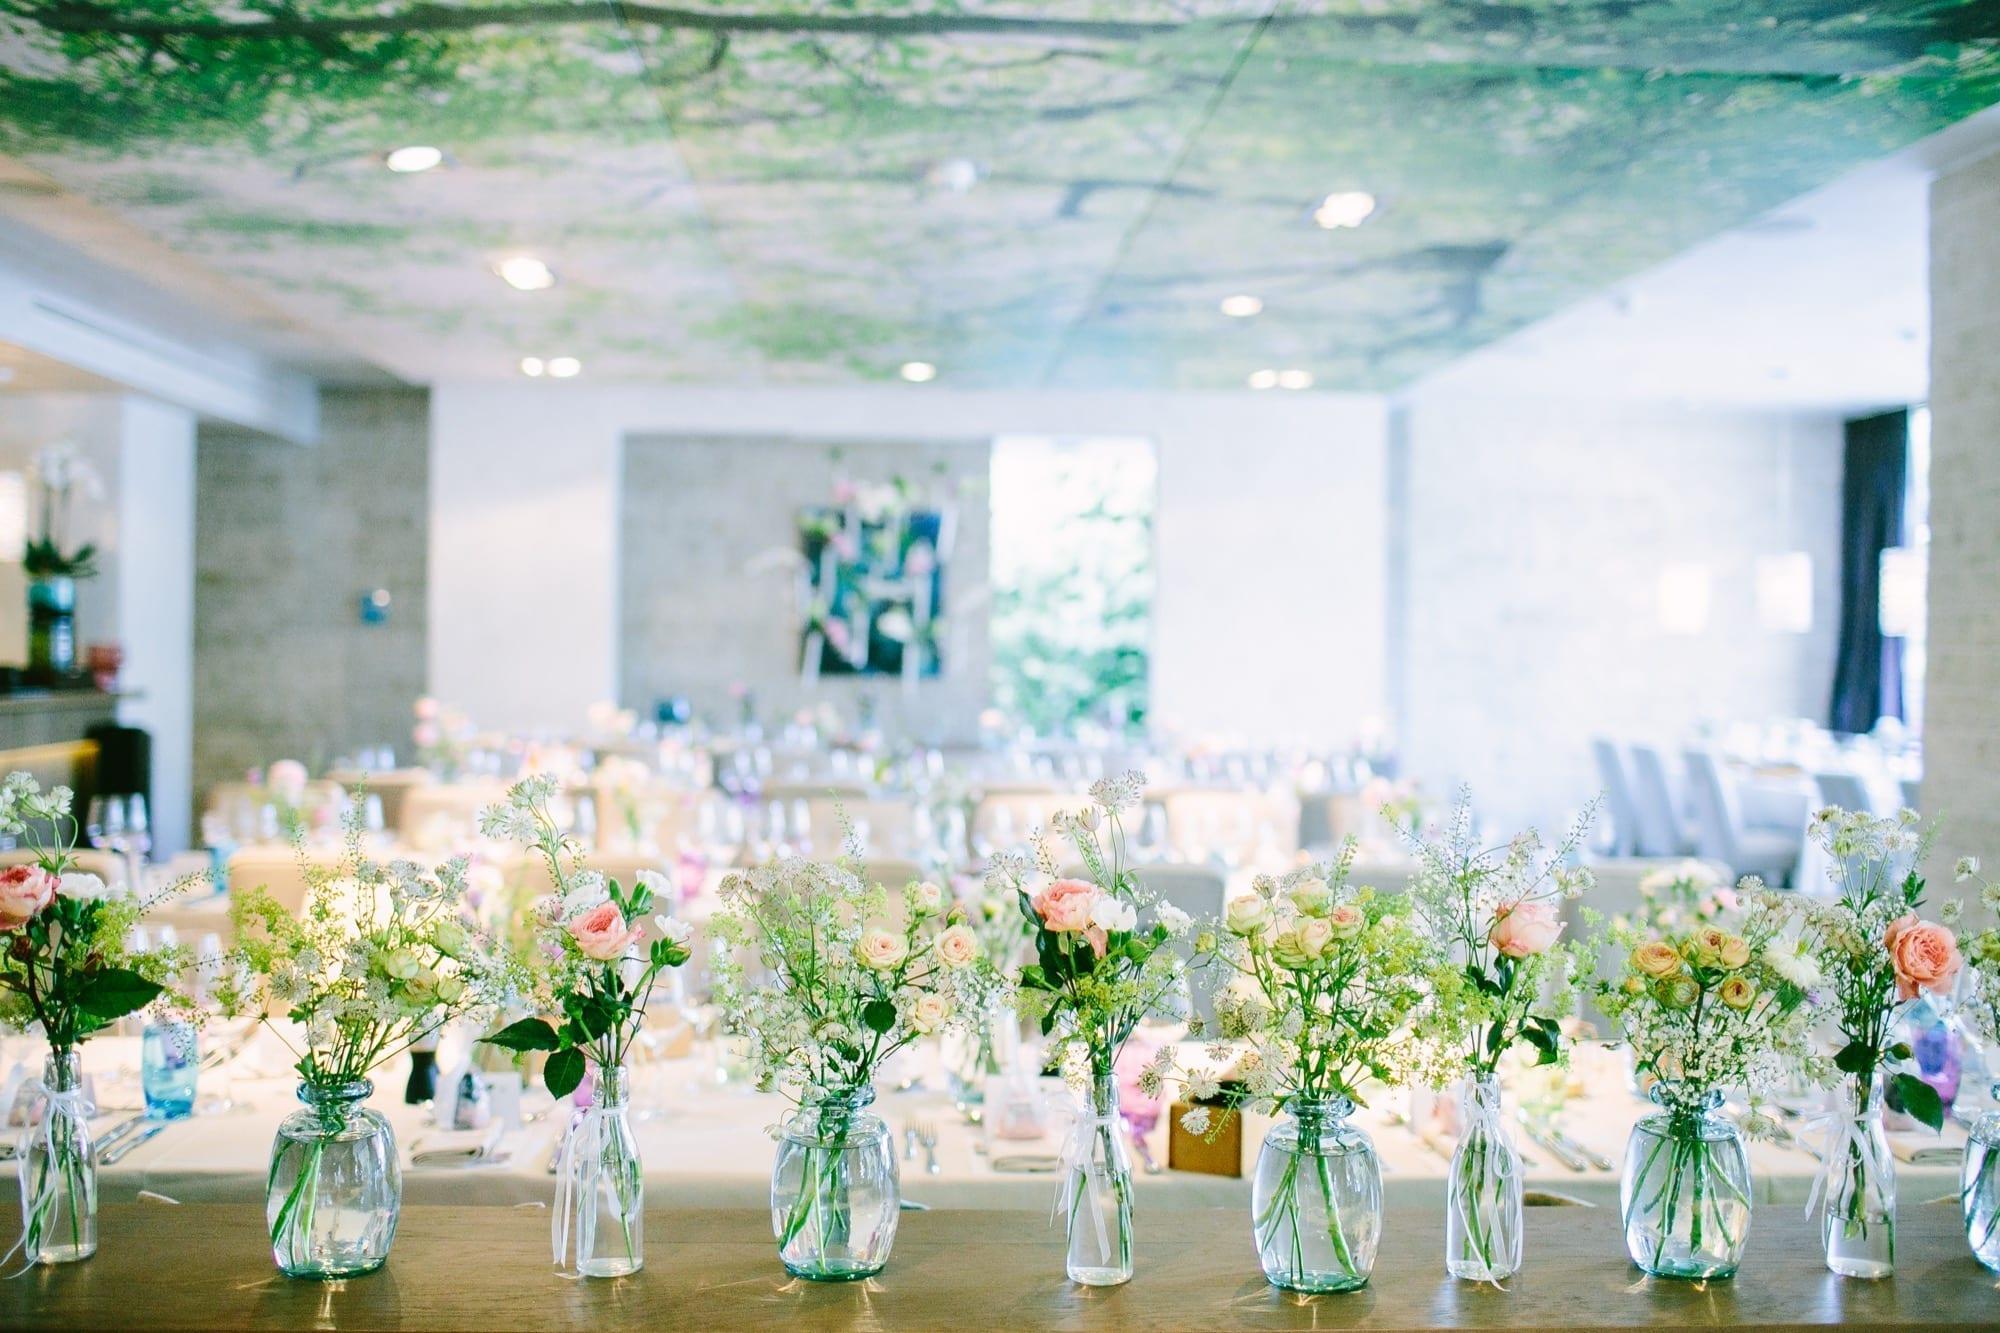 GL_Hochzeit Sarah & Marco_RGB_Low_©Marian Duven_Nur interne Verwendung_48